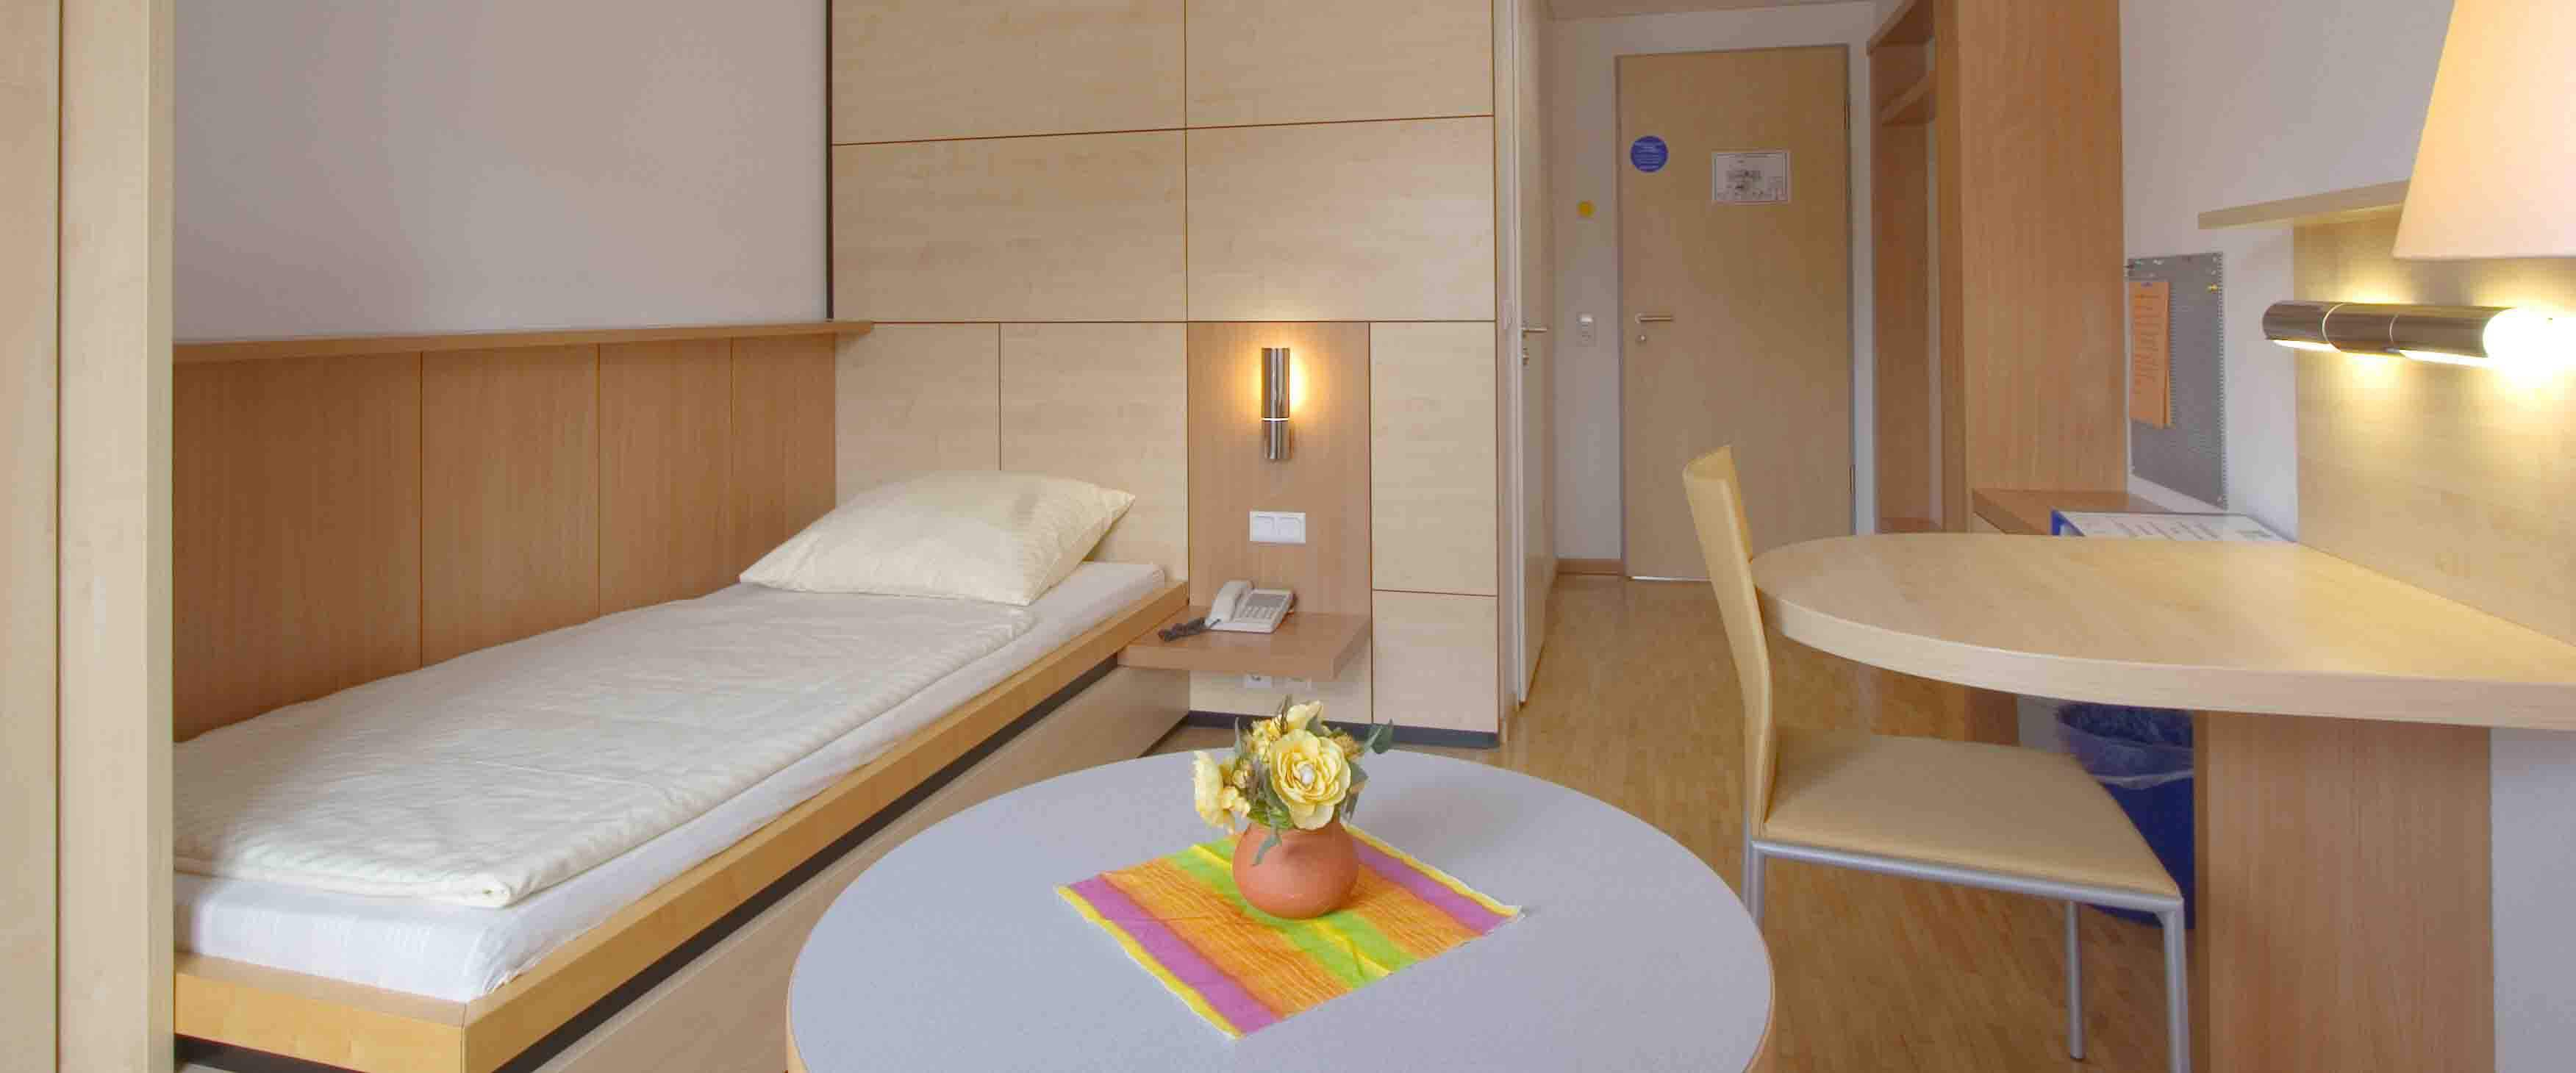 Einzelzimmer in der MEDIAN Klinik für Psychosomatik Bad Dürkheim